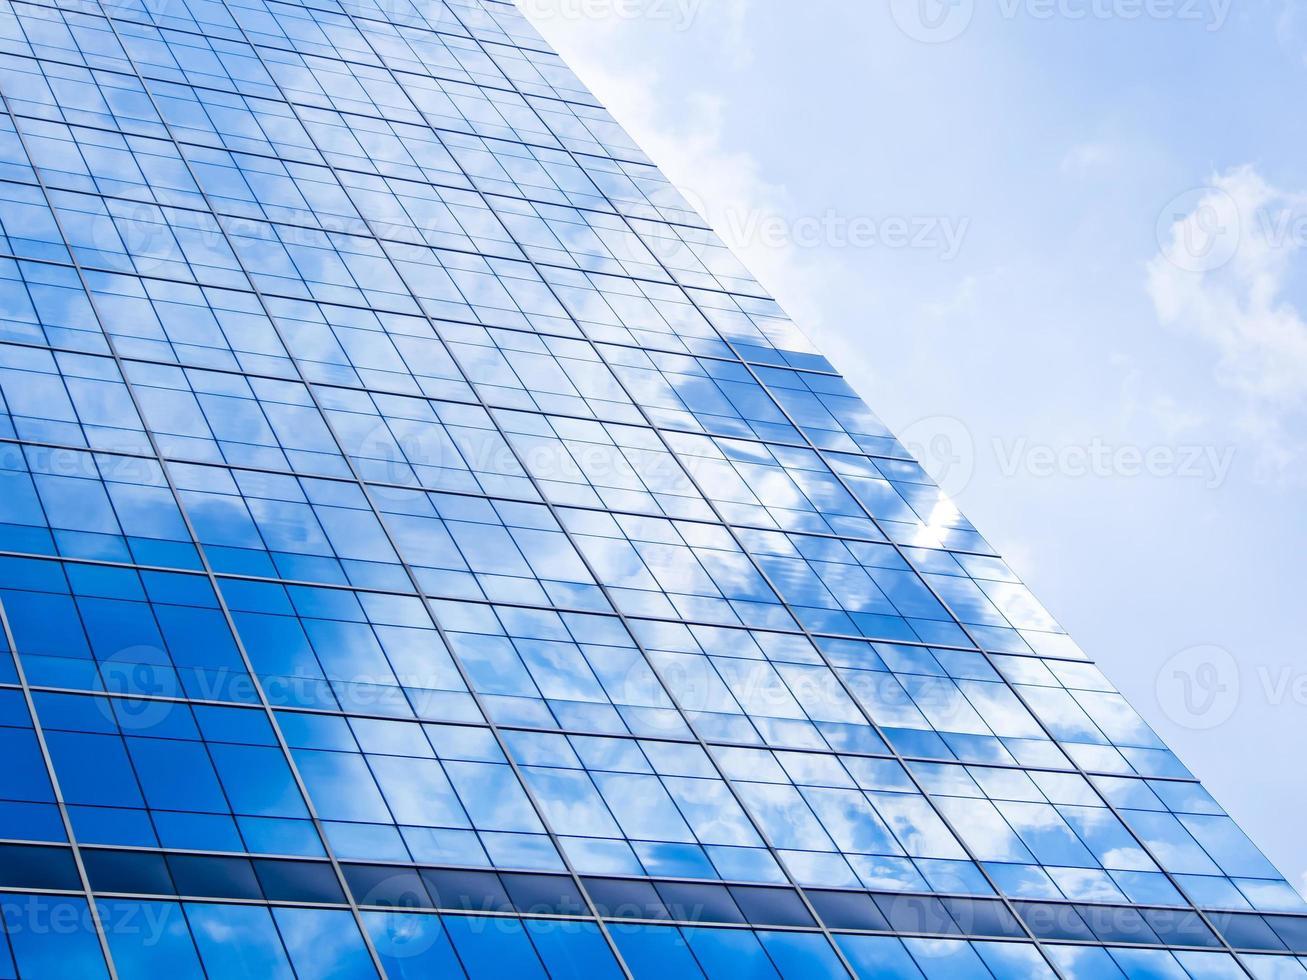 sfondo blu di grattacieli di vetro grattacielo foto